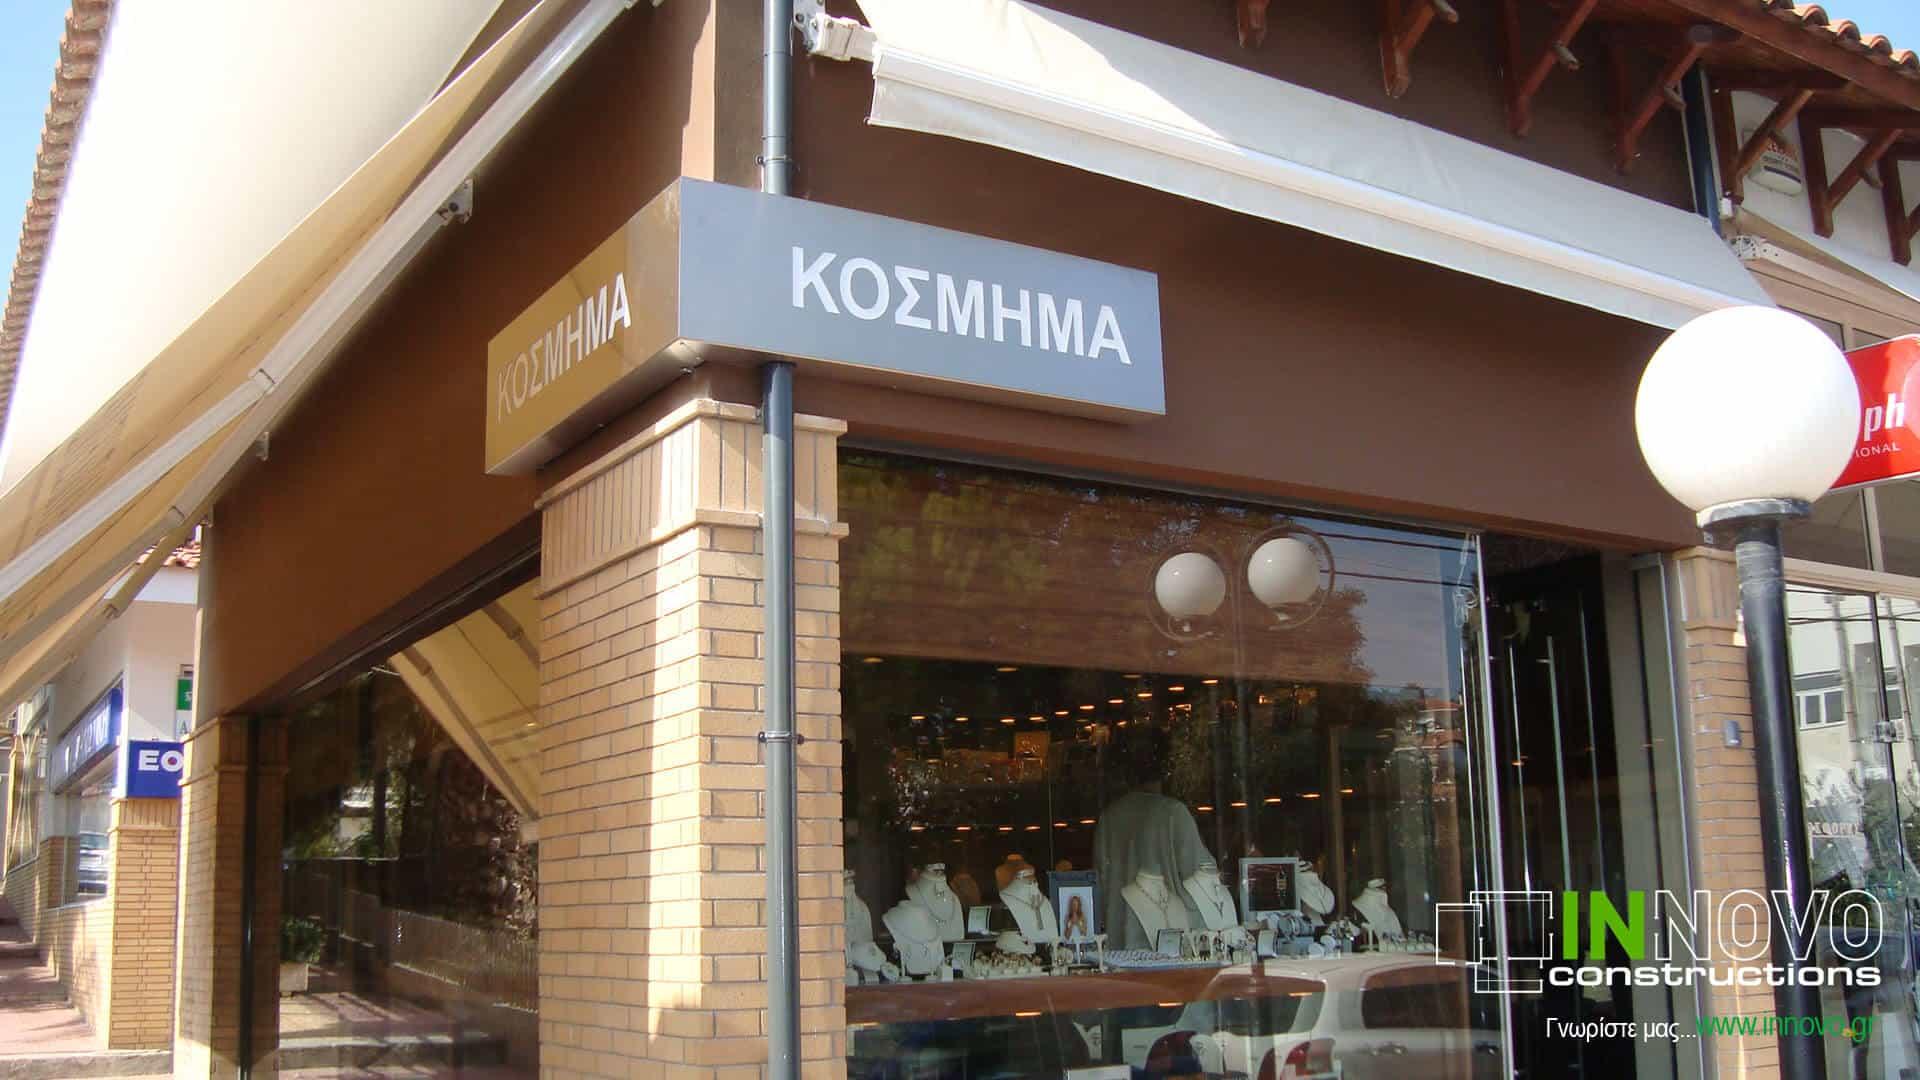 kataskevi-kosmimatopoleiou-jewelry-construction-kosmimatopoleio-pardali-949-9